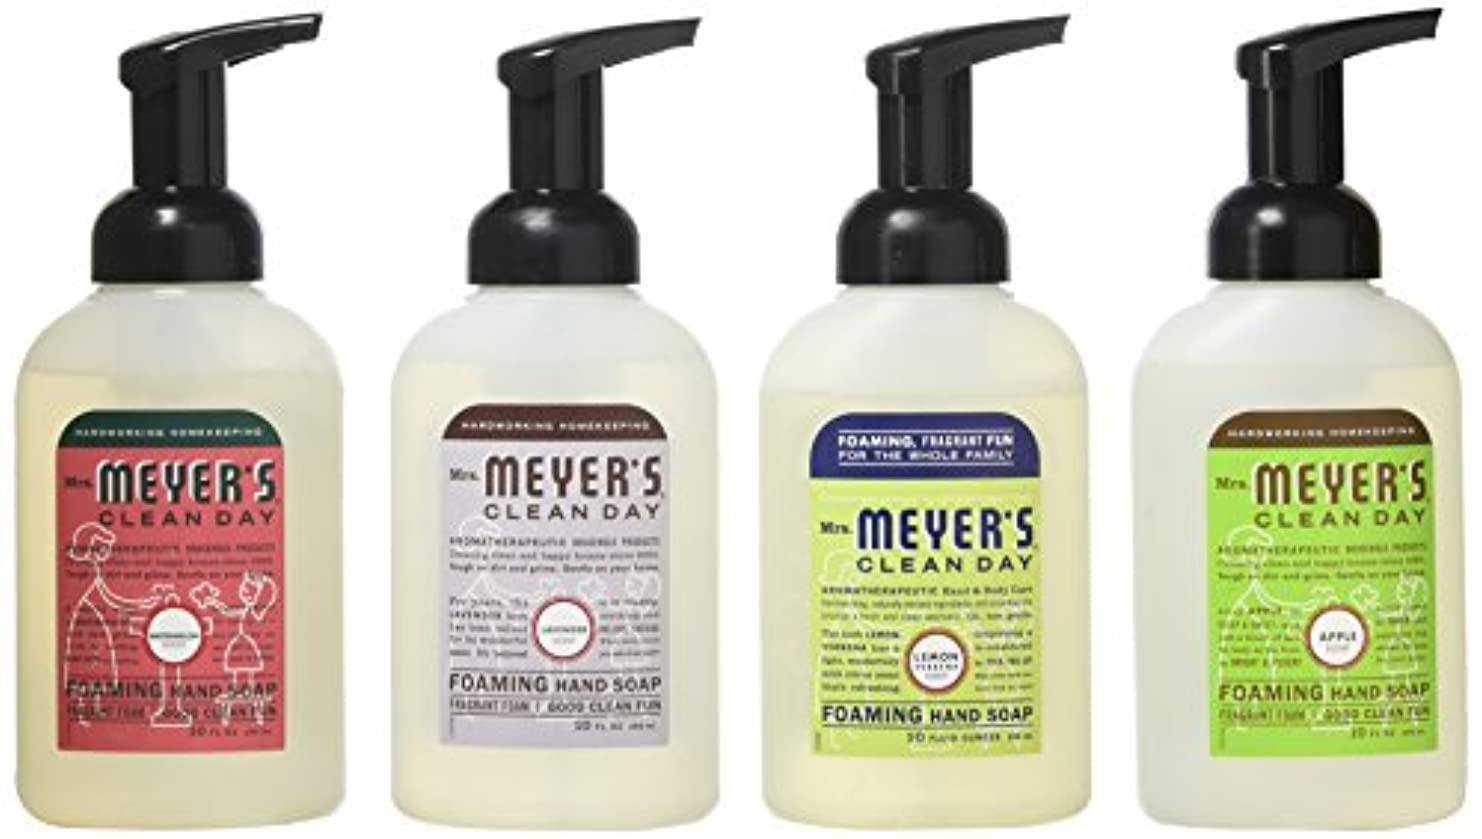 移植オーナー無条件Mrs. Meyers Clean Day 4-Piece Foaming Hand Soap Variety Pack (10 oz Each) by Mrs. Meyers